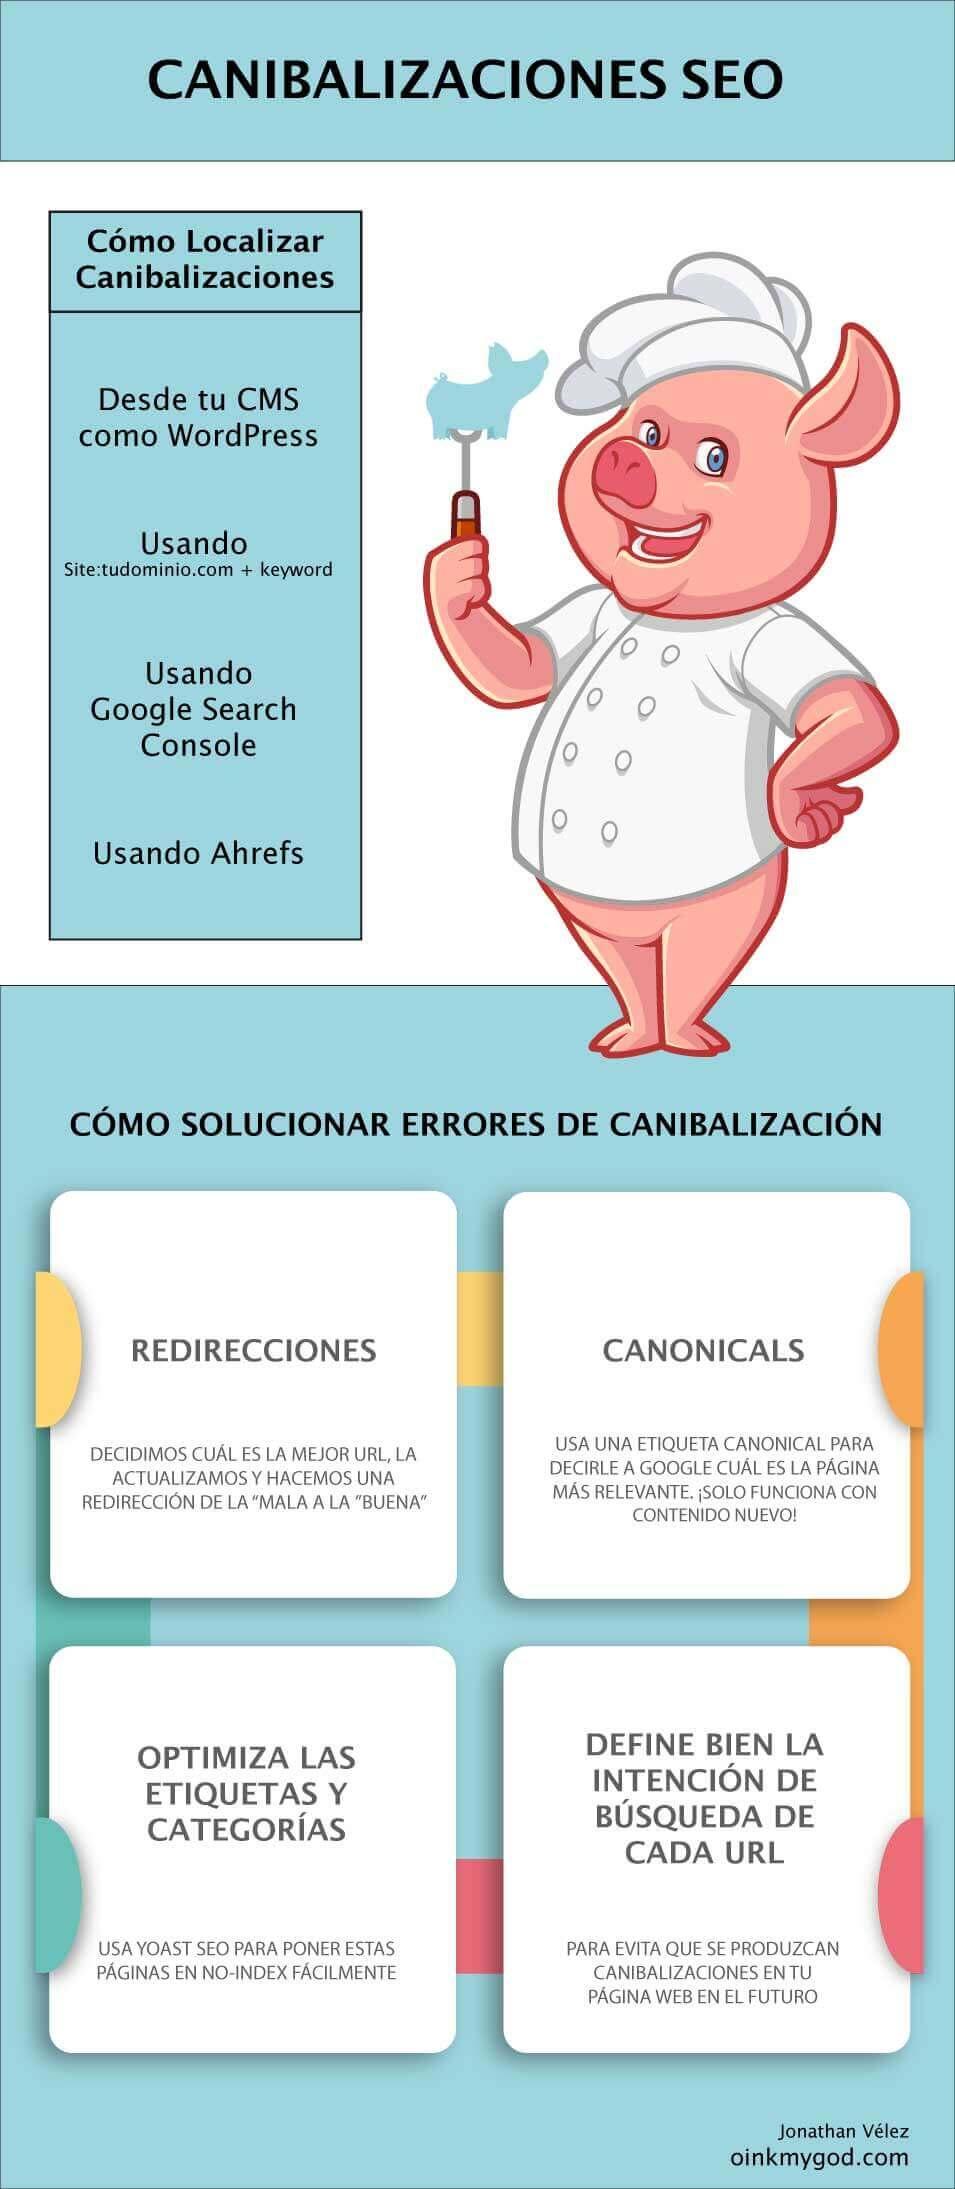 infografia canibalizacion seo palabras clave